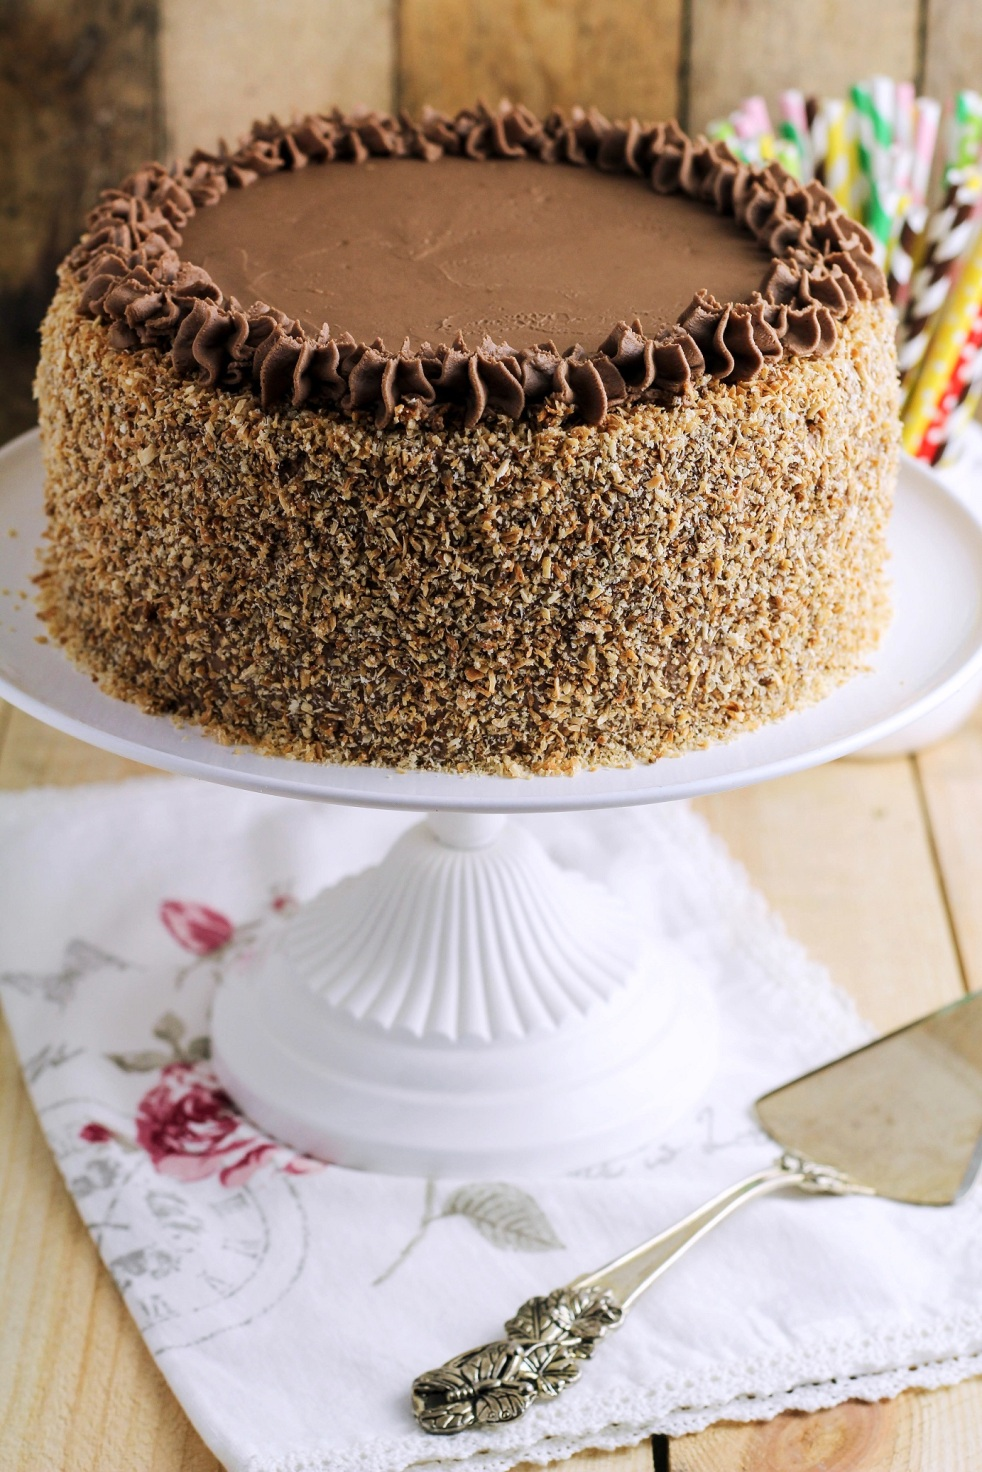 tort czekoladowy z posypką kokosową